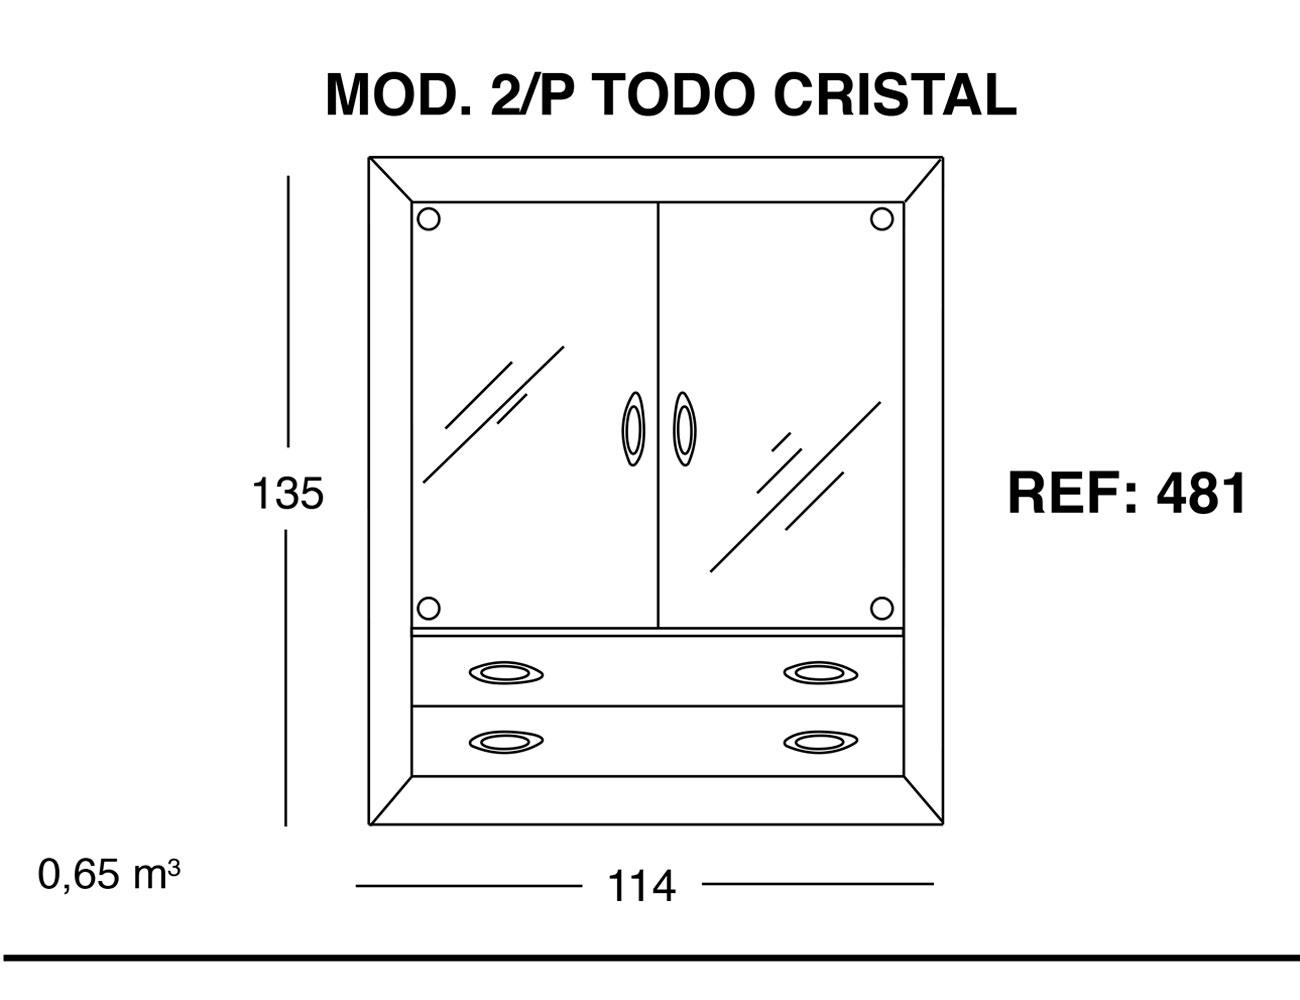 Modulo 2 puertas todo cristal 135 114